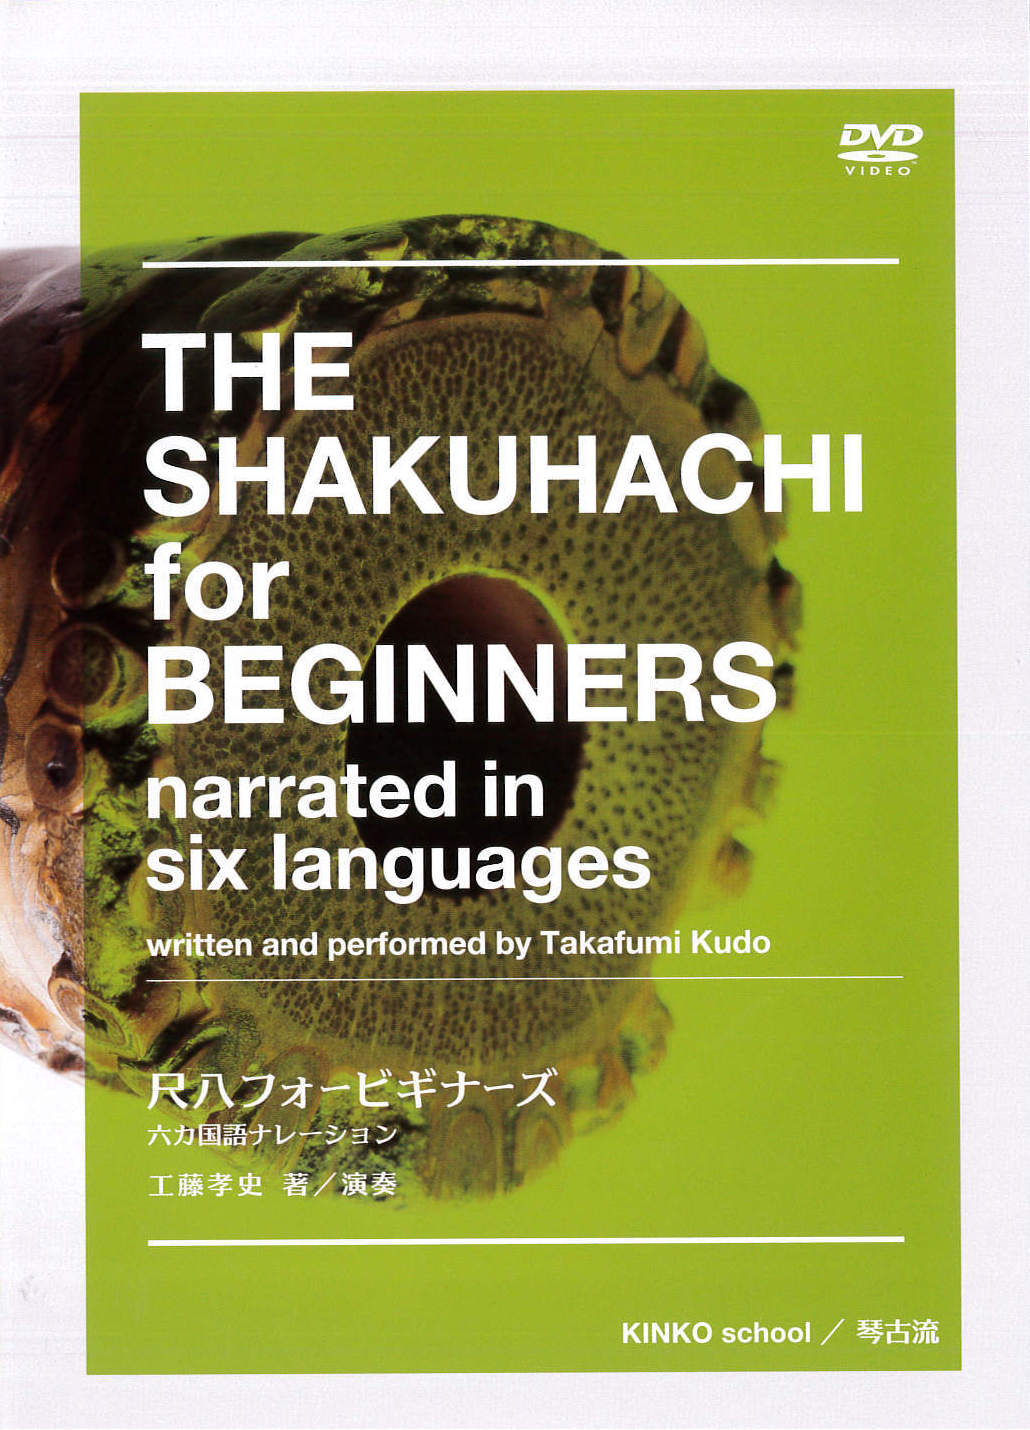 DVD 尺八フォービギナーズ 六カ国語ナレーション[4168]